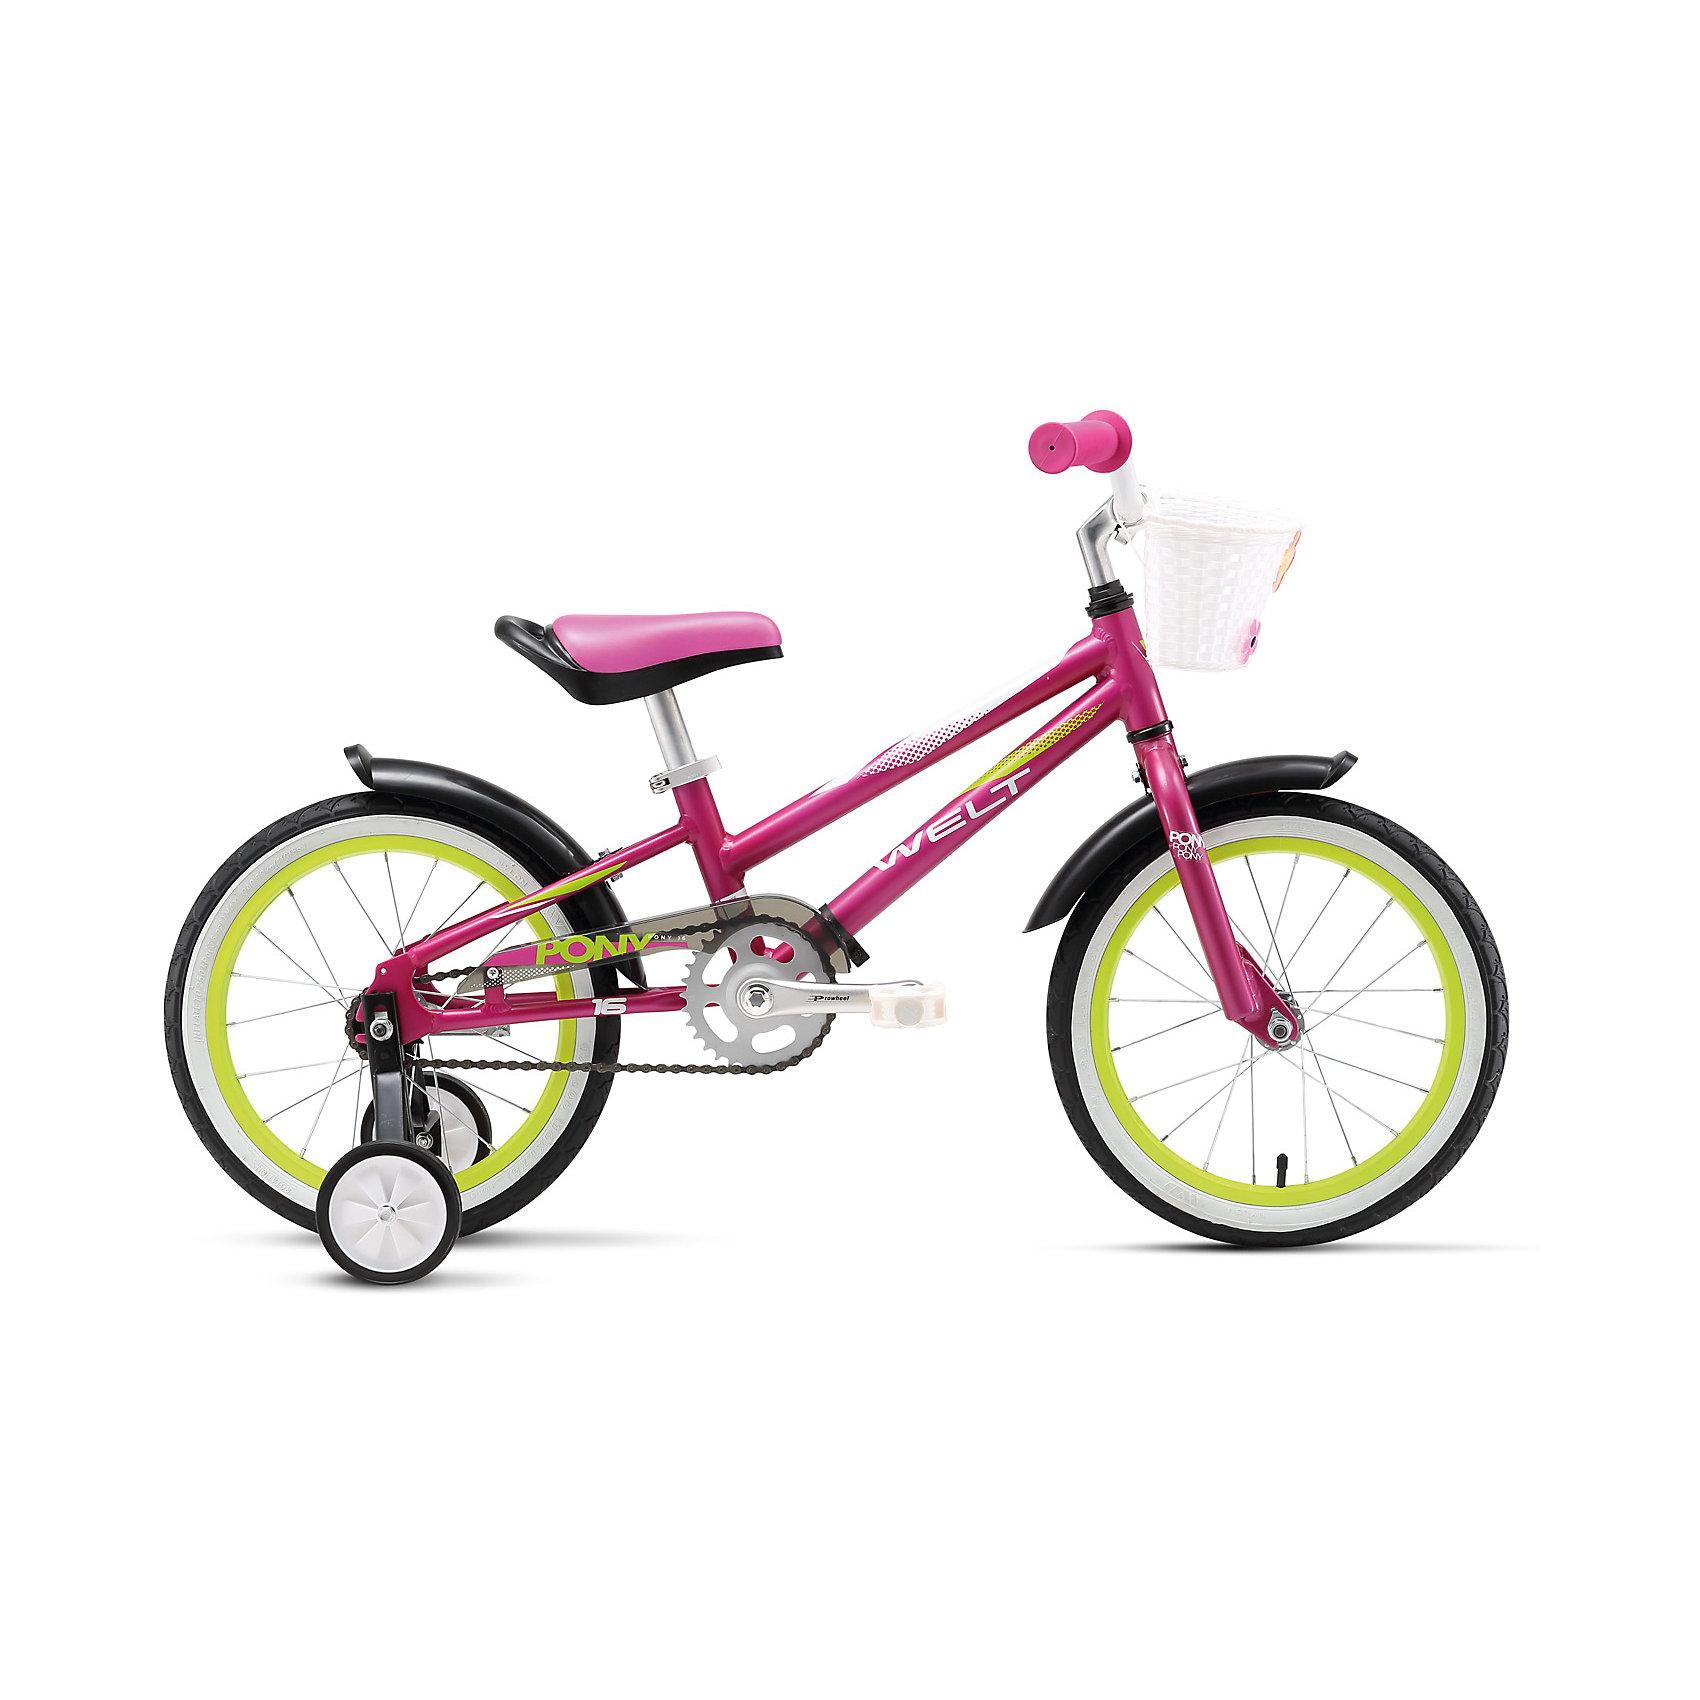 Велосипед  Pony 16, фиолетово-бело-зеленый, WeltВелосипеды детские<br>Характеристики товара:<br><br>• цвет: фиолетовый, белый, зеленый <br>• возраст: от 4 лет <br>• рама: Alloy 6061 (алюминий)<br>• диаметр колес: 16<br>• 1 скорость<br>• тип вилки: жесткая (Rigid)<br>• тип тормозов: ножной (coaster)<br>• система: 3 pcs alloy<br>• кассета: 28T integrated<br>• тип рулевой колонки:  1 резьбовая<br>• покрышки: Wanda 1021 16x2,125 <br>• вес 7,9 кг в сборе /7,2 кг без боковых колес и корзины <br>• размер:145х20х80см<br>•  страна бренда: Германия<br><br>Ультралегкая детская модель Пони 16 разработана специально для девочек. Боковые колеса будут отличными помошниками во время первых поездок.На руль крепится корзинка, в которую можно положить игрушки или бутылку воды. <br><br>Велосипед  Pony 16 можно купить в нашем интернет-магазине.<br><br>Ширина мм: 1450<br>Глубина мм: 200<br>Высота мм: 800<br>Вес г: 16500<br>Возраст от месяцев: 48<br>Возраст до месяцев: 72<br>Пол: Унисекс<br>Возраст: Детский<br>SKU: 5569410